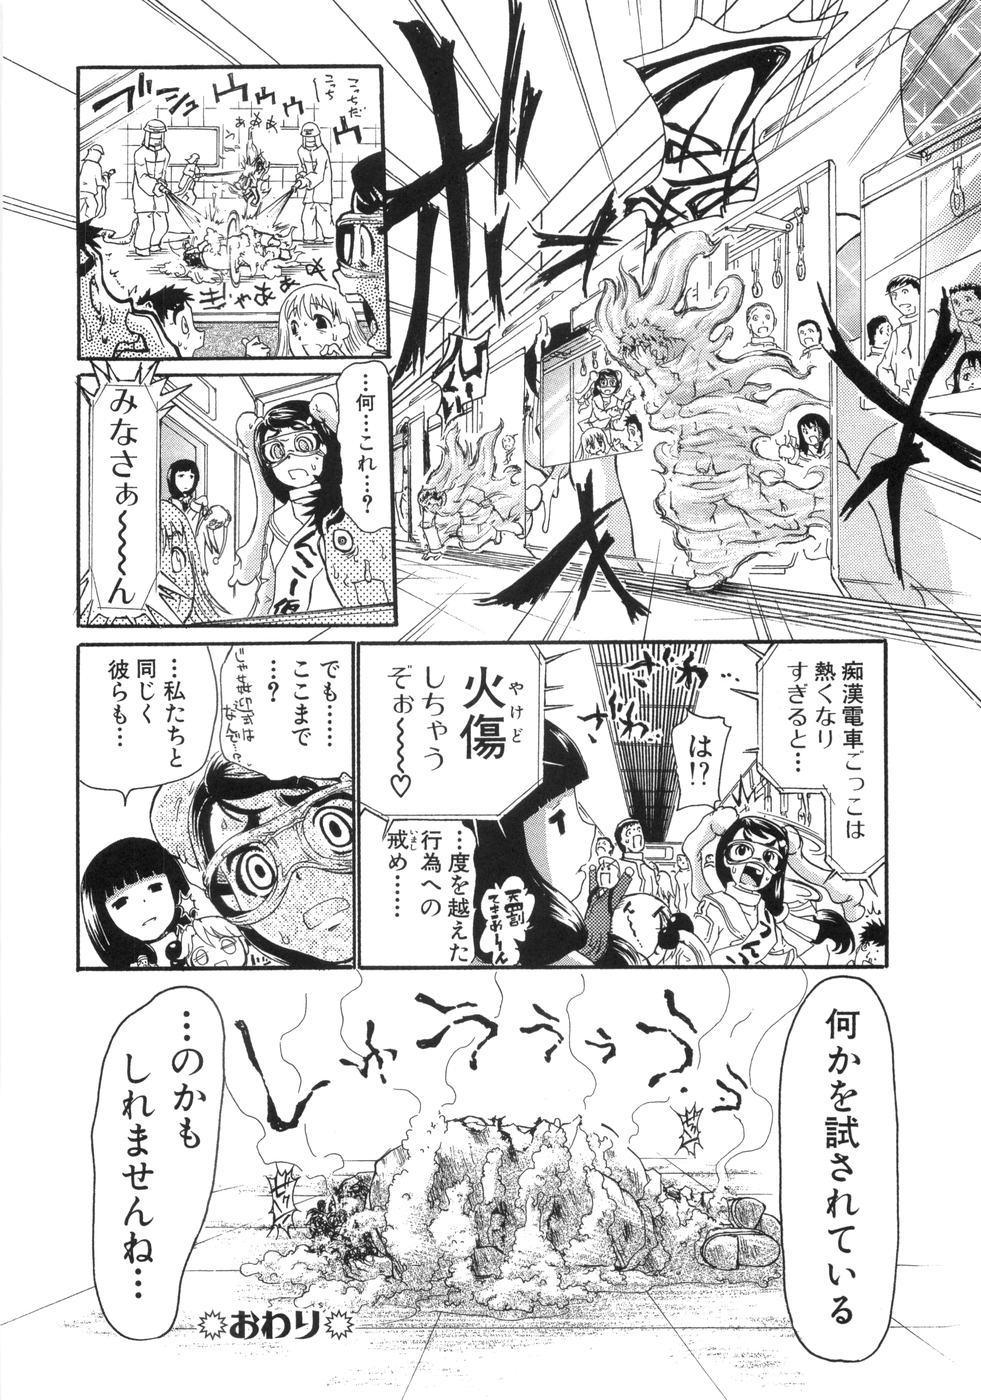 0 PULL TOWN Gakuen e Youkoso! 54